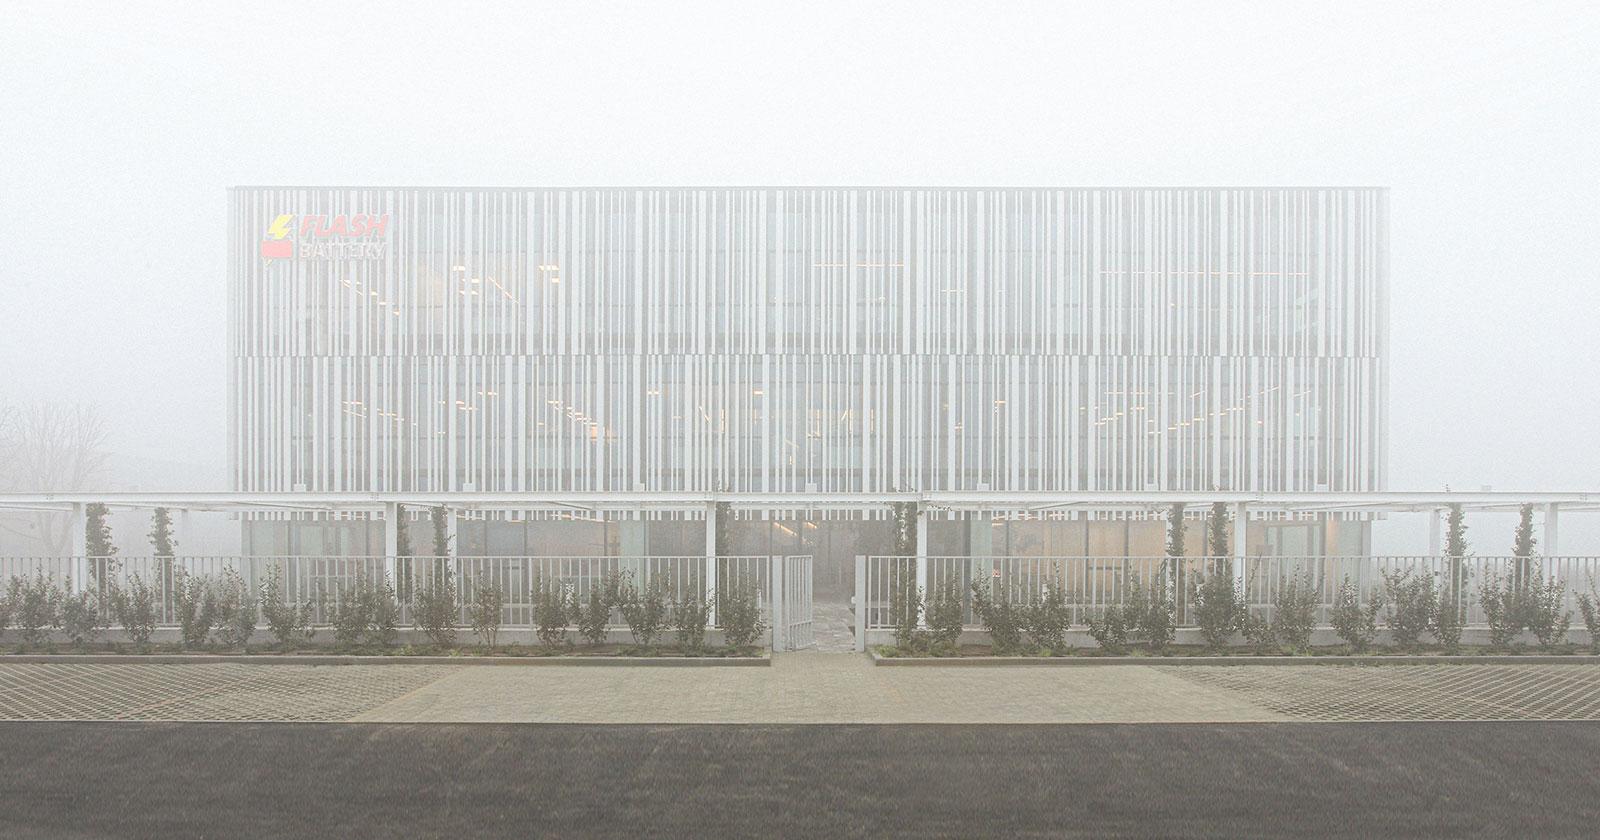 Come un fantasma nella nebbia: a Sant'Ilario d'Enza i nuovi headquarters firmati Studio Bocchi